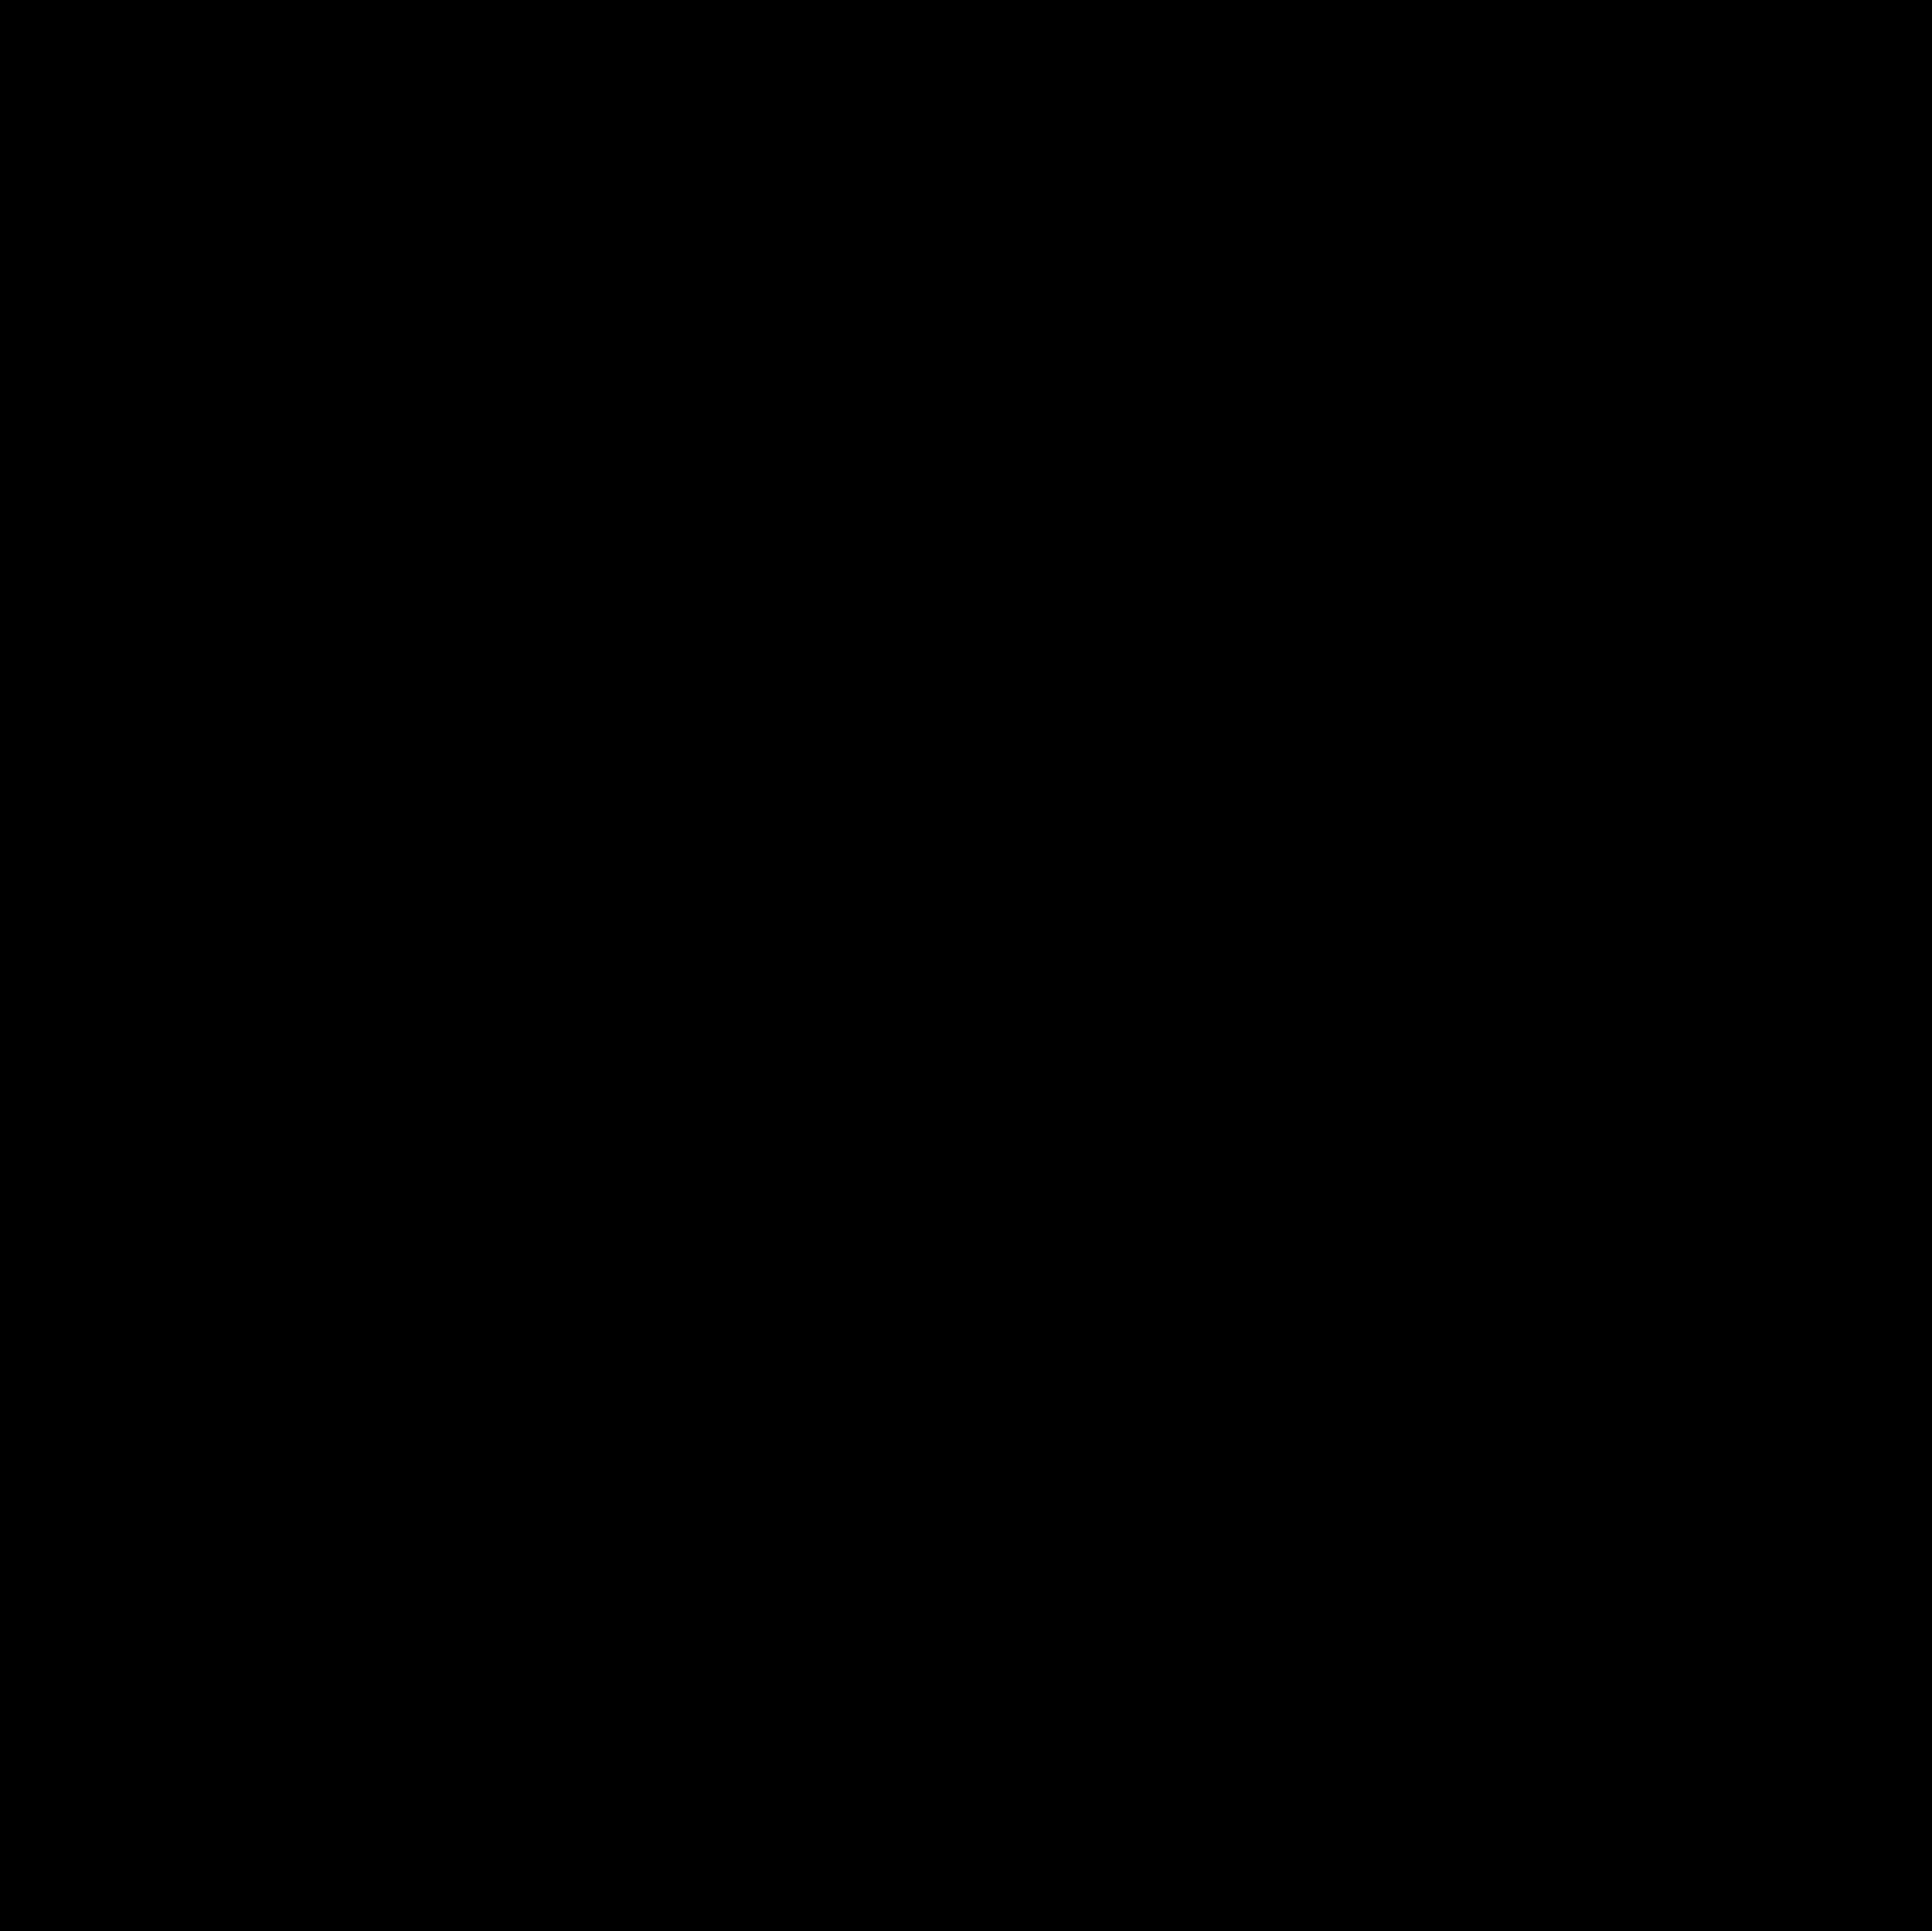 Colossus stencil